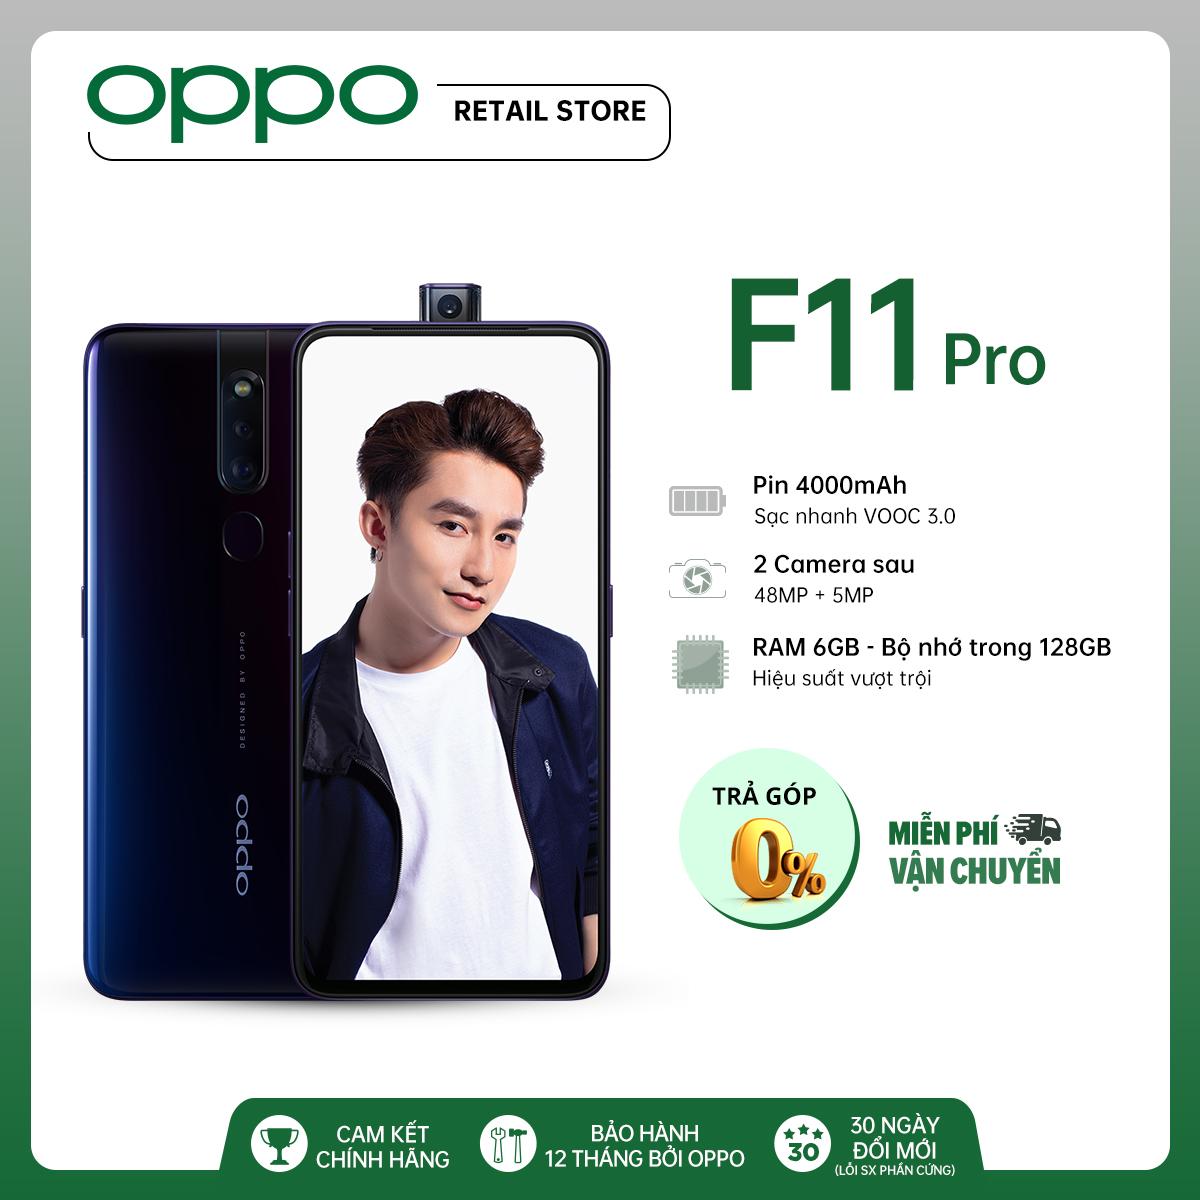 TRẢ GÓP 0% Điện Thoại OPPO F11 Pro (6GB/128GB) - Hàng chính hãng - Màn hình rộng 6.5'' Camera sau kép 48MP + 5MP Camera trước 16MP Helio P70 8 nhân Sạc nhanh VOOC